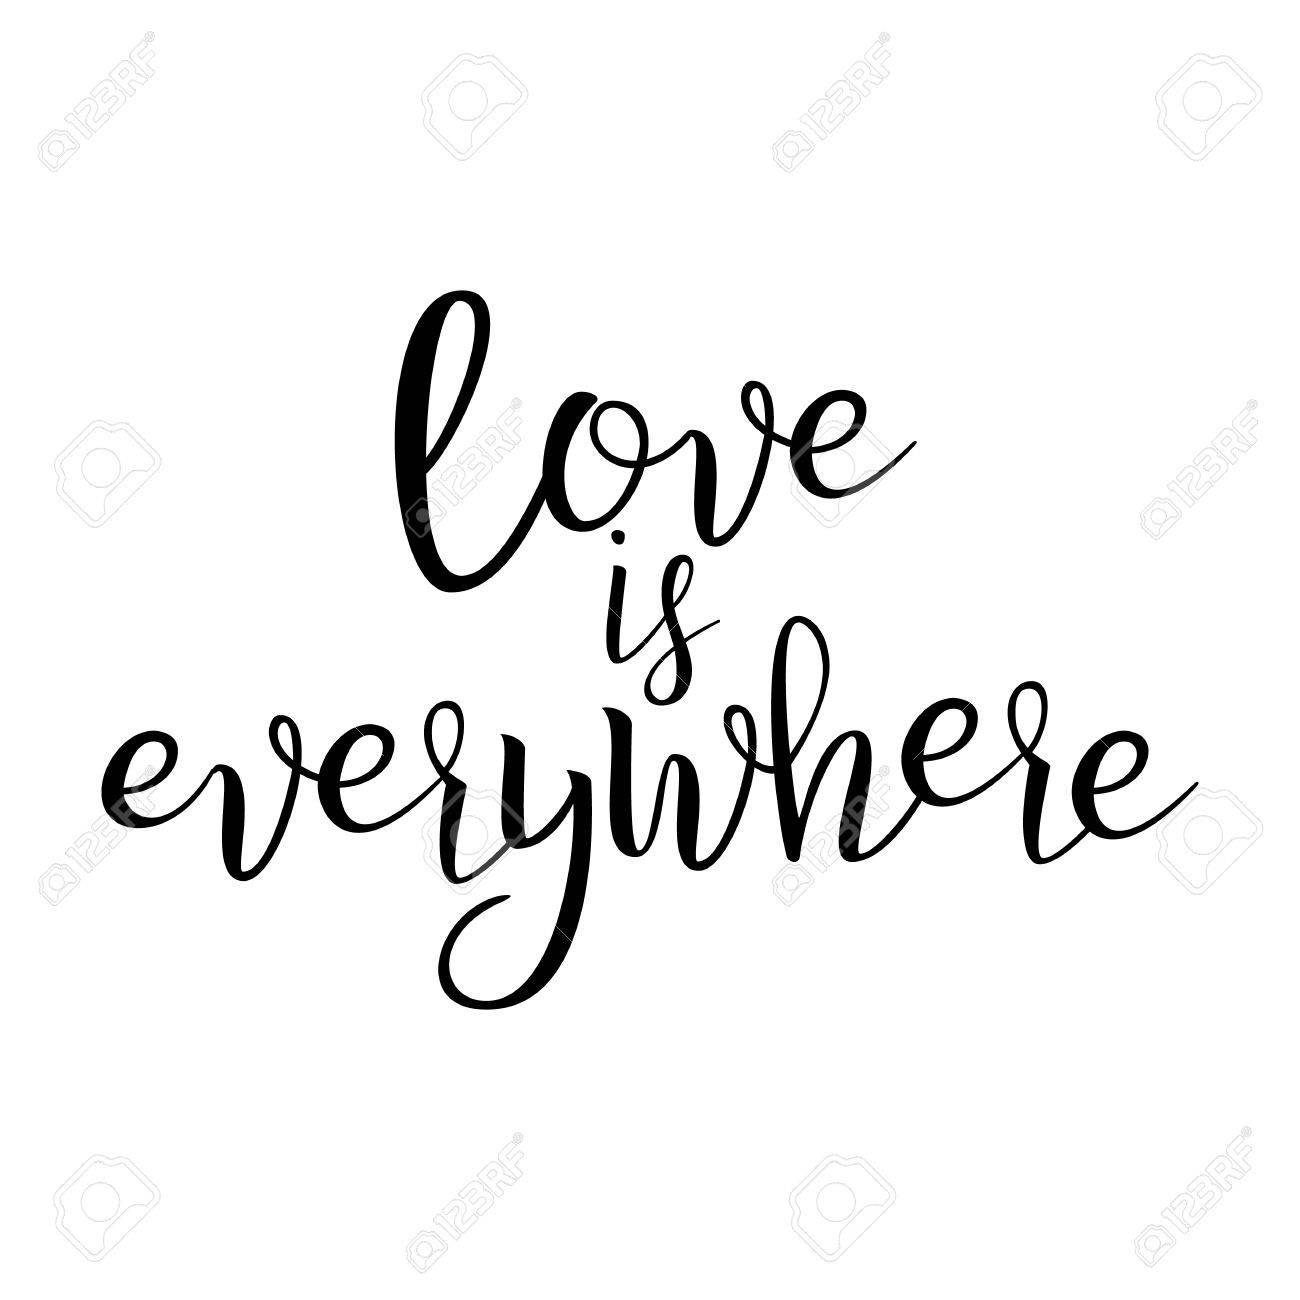 Quote Over Liefde Liefde Is Overal Handgeschreven Inspirerende Tekst Moderne Borstel Kalligrafie Geïsoleerd Op Een Witte Achtergrond Typografie